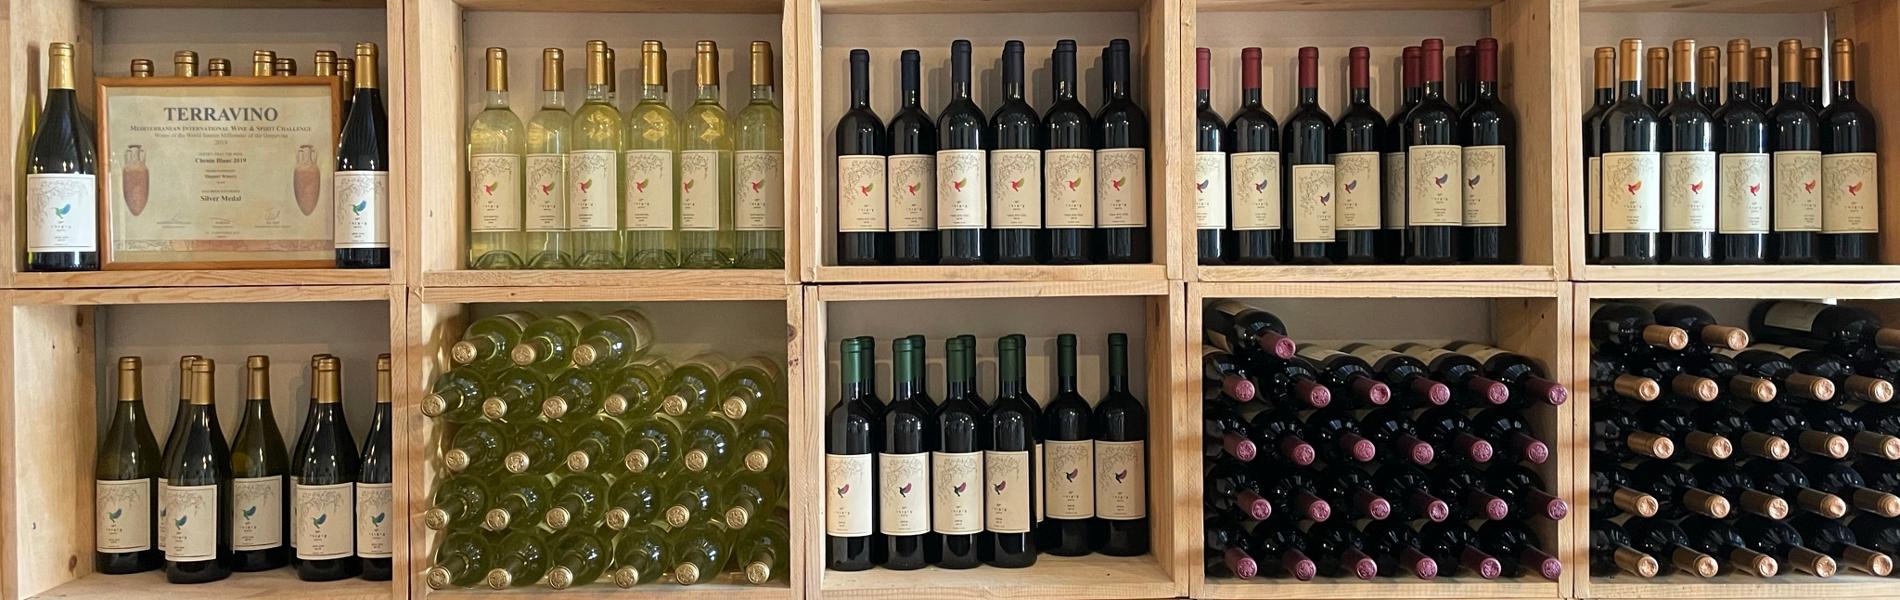 על עמק היין החדש כבר שמעת?